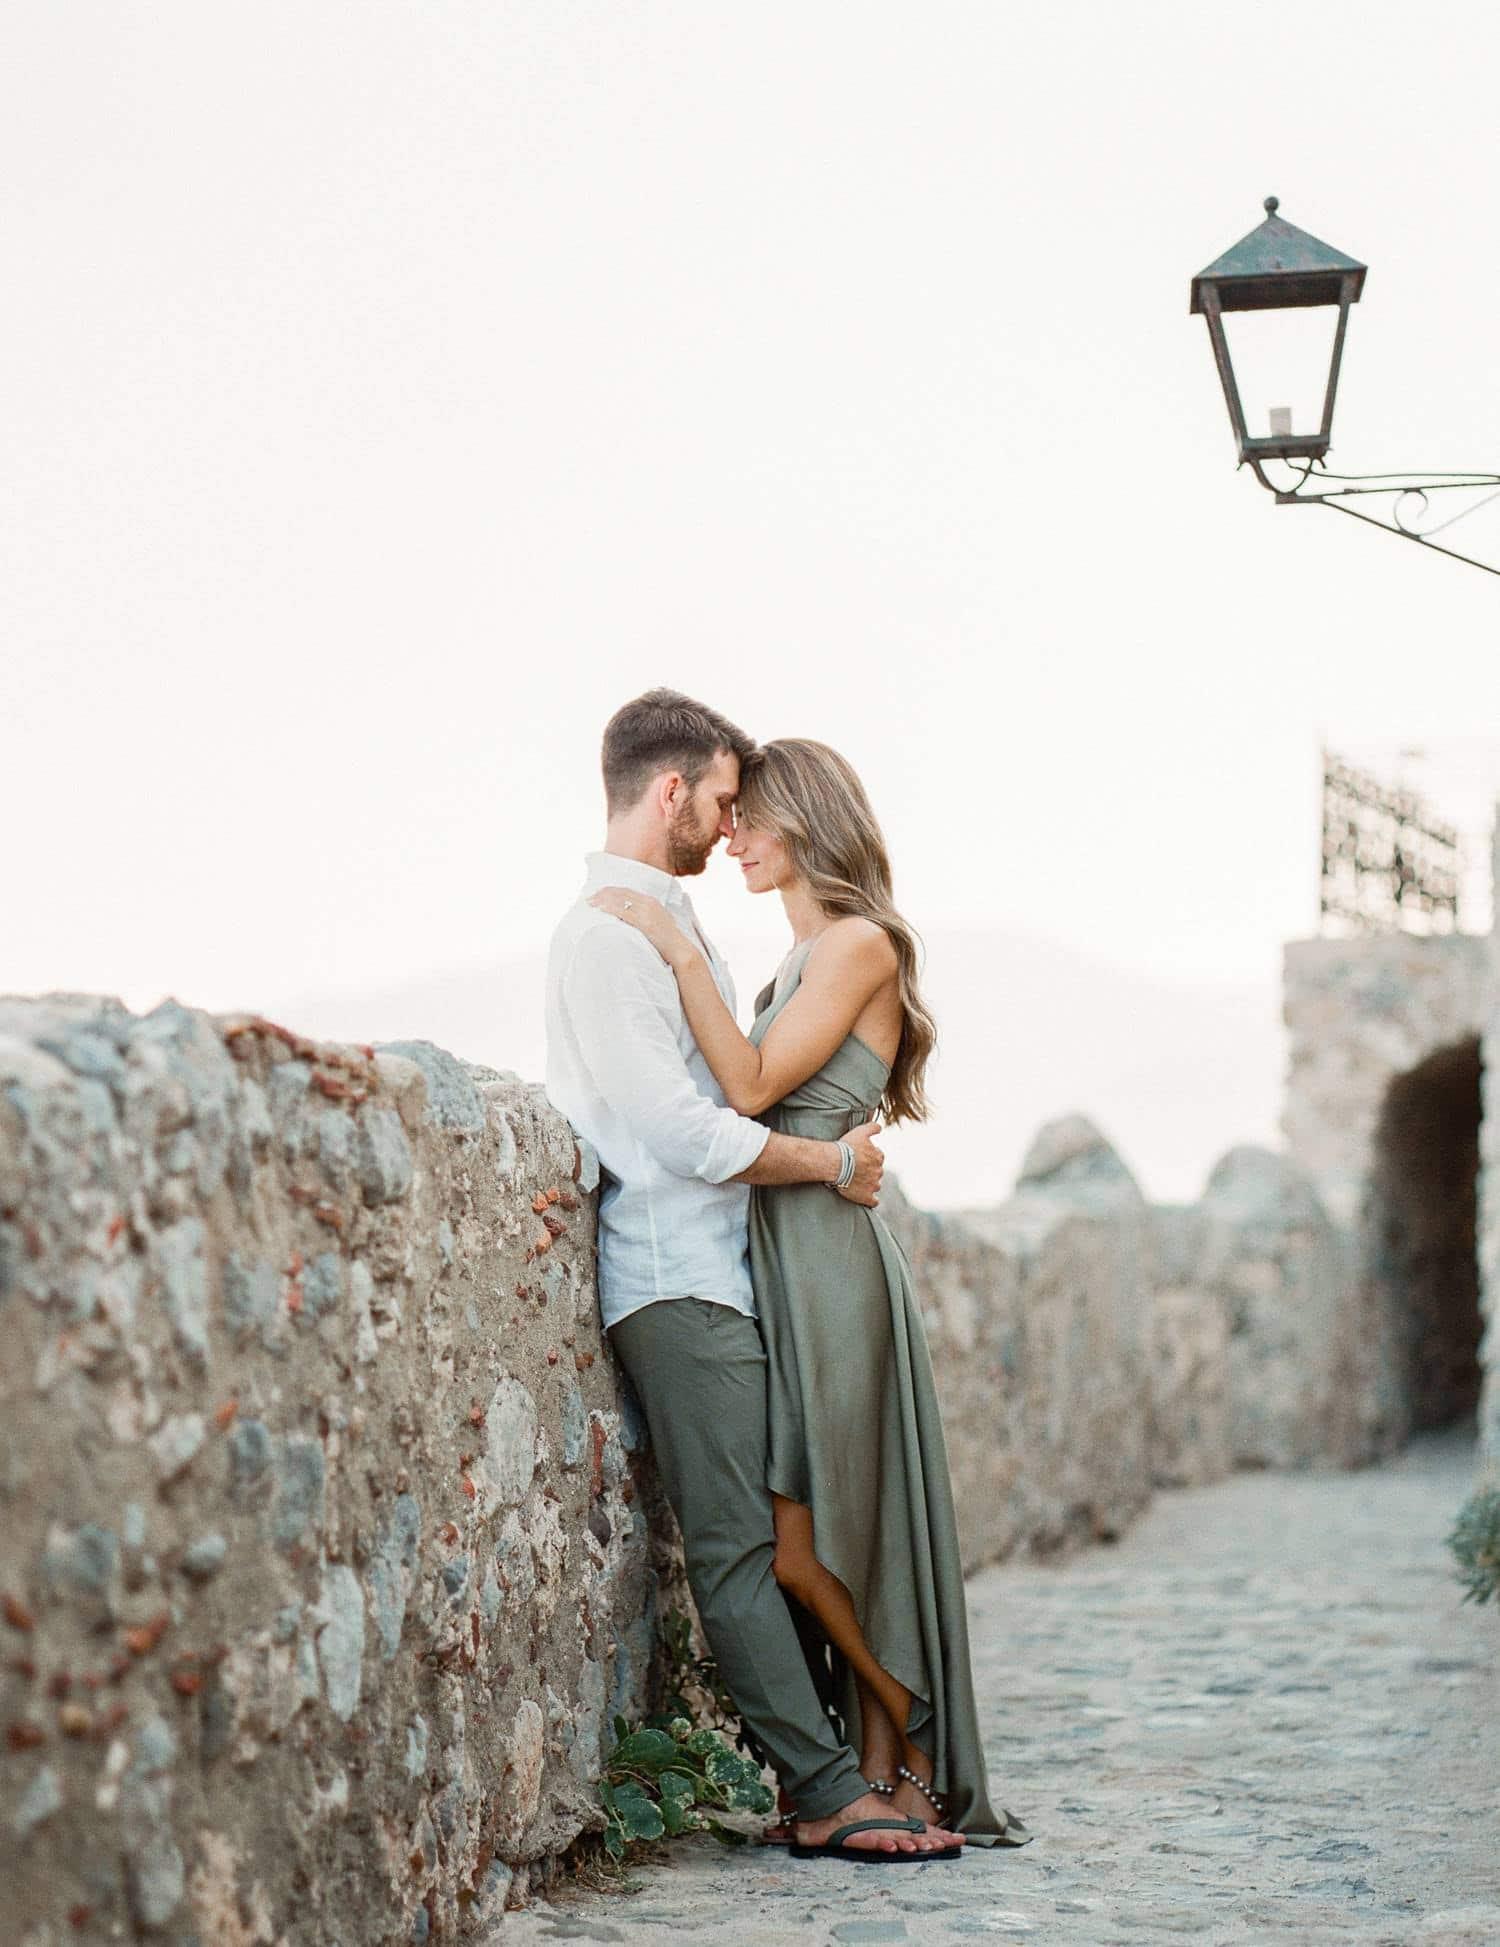 huwelijksfotograaf Griekenland